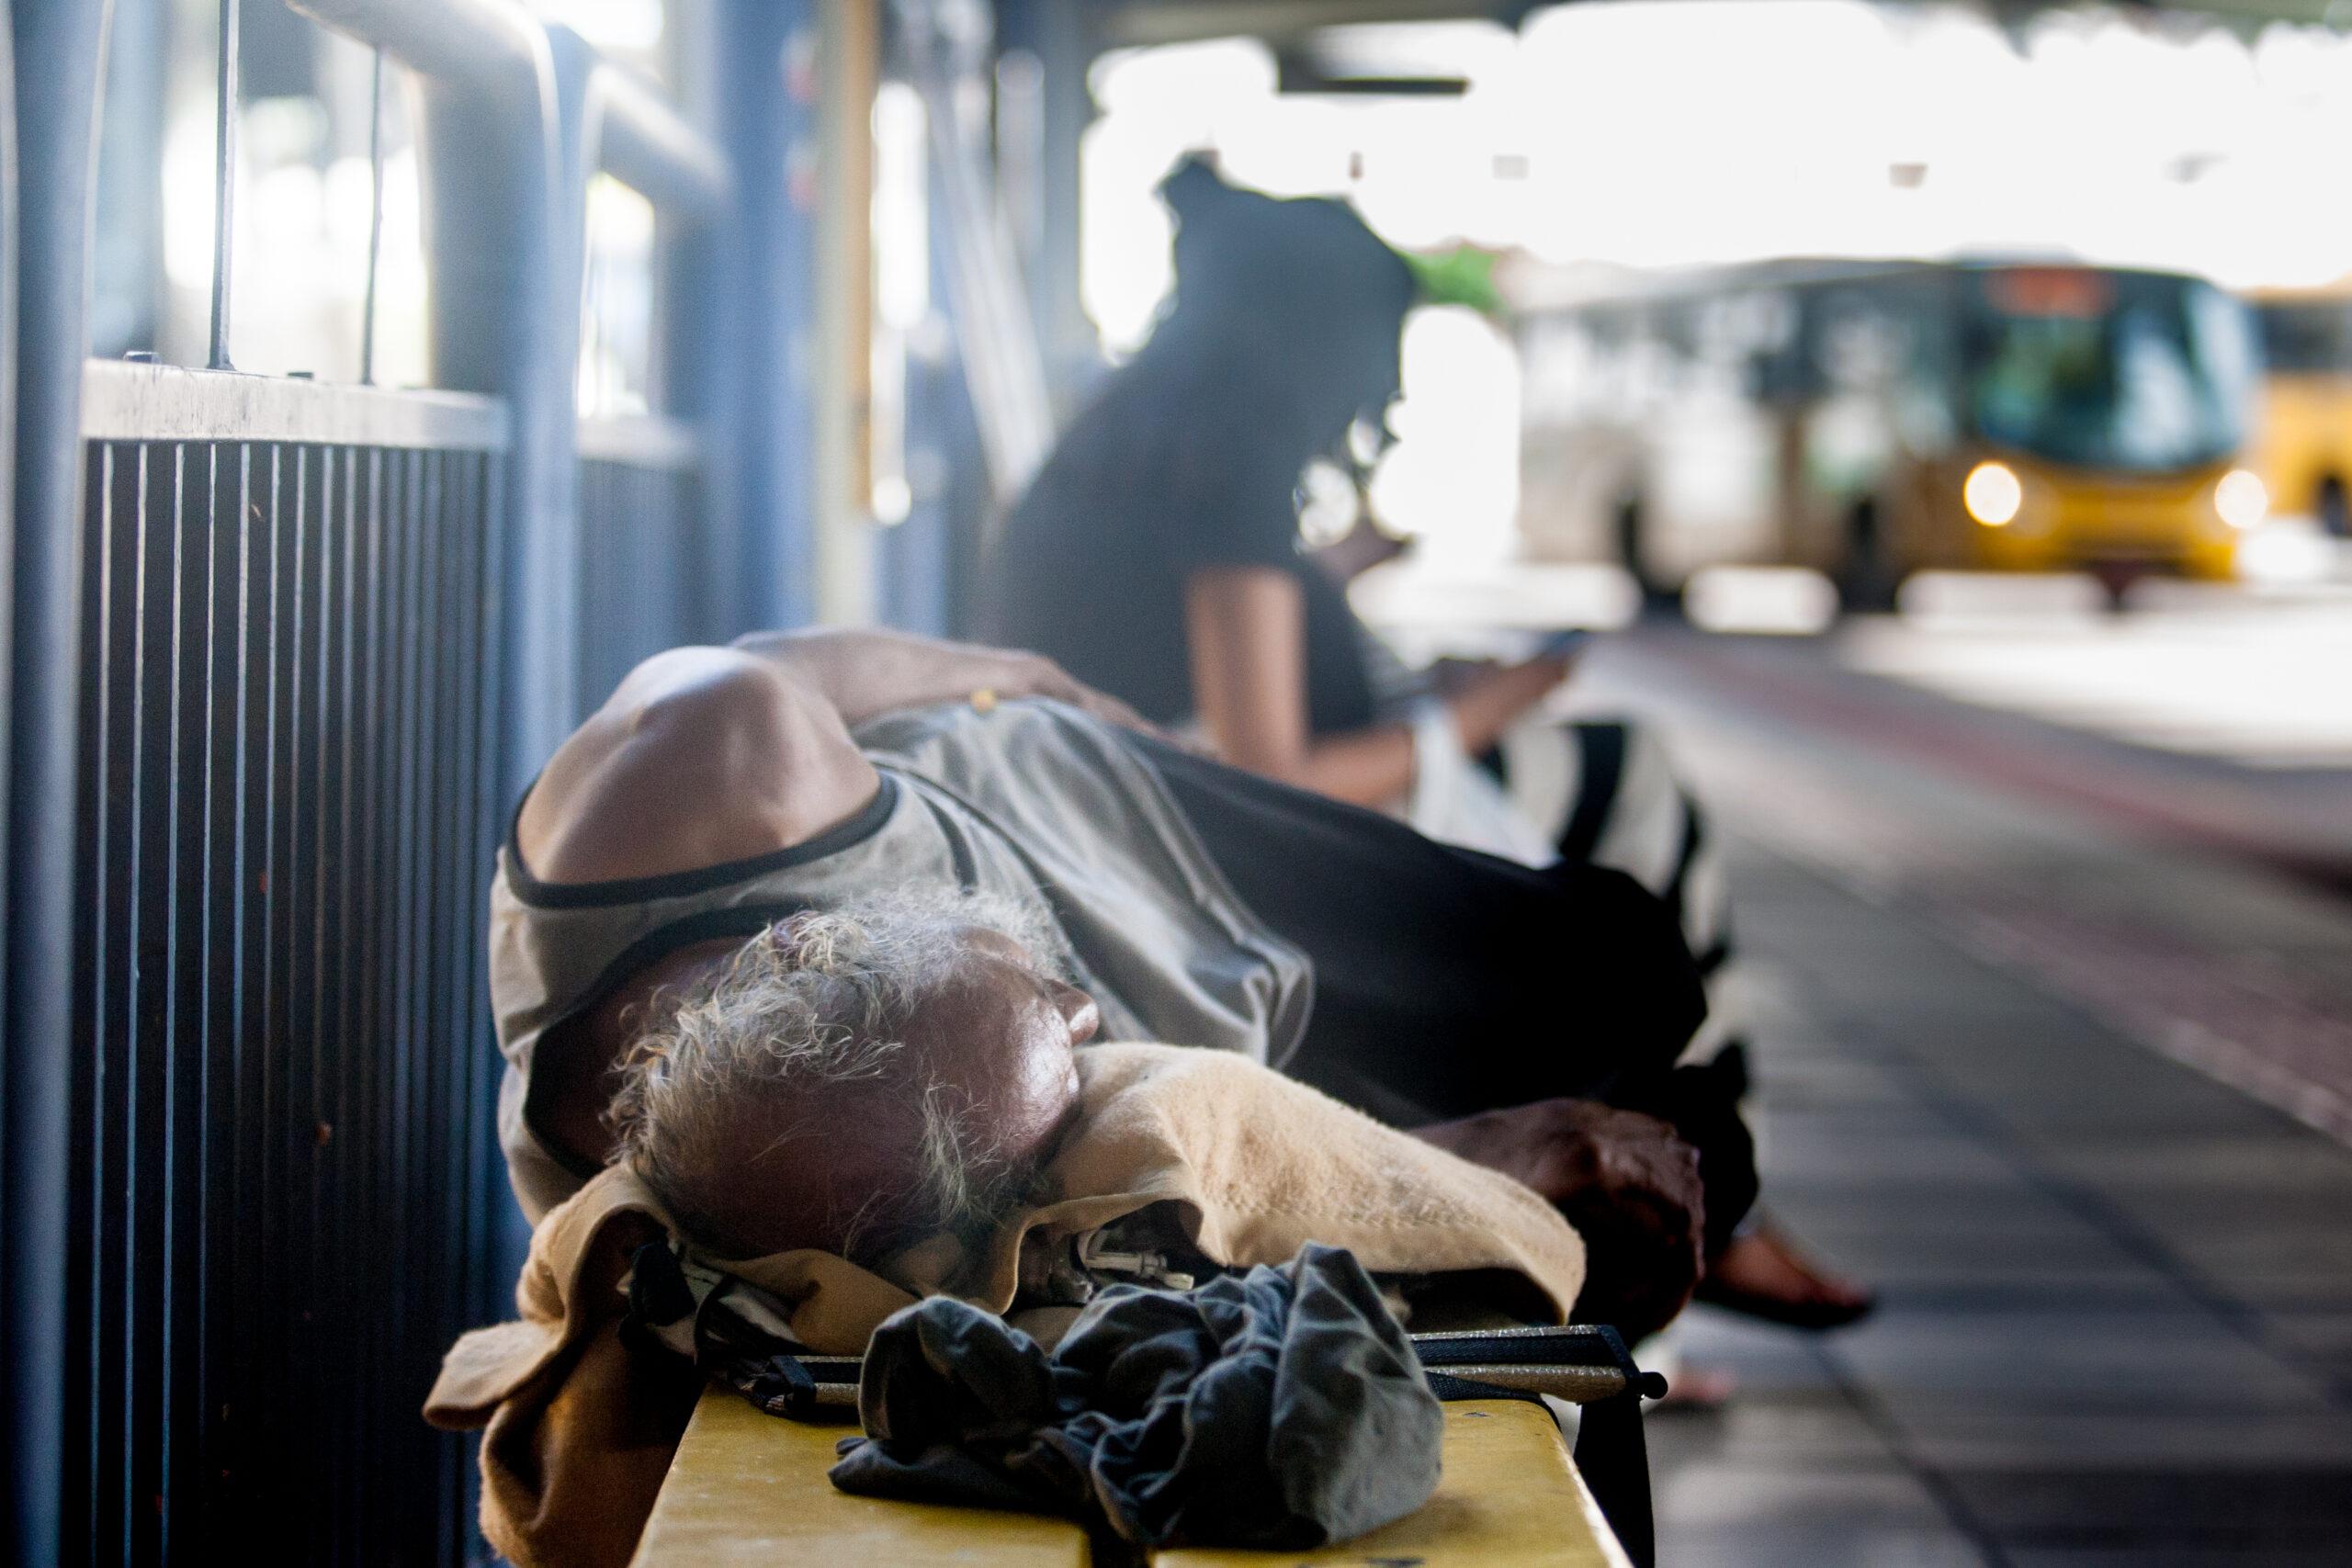 Com a previsão de frio intenso, Prefeitura de Florianópolis oferece mais 45 vagas emergenciais para acolhimento de pessoas em situação de rua